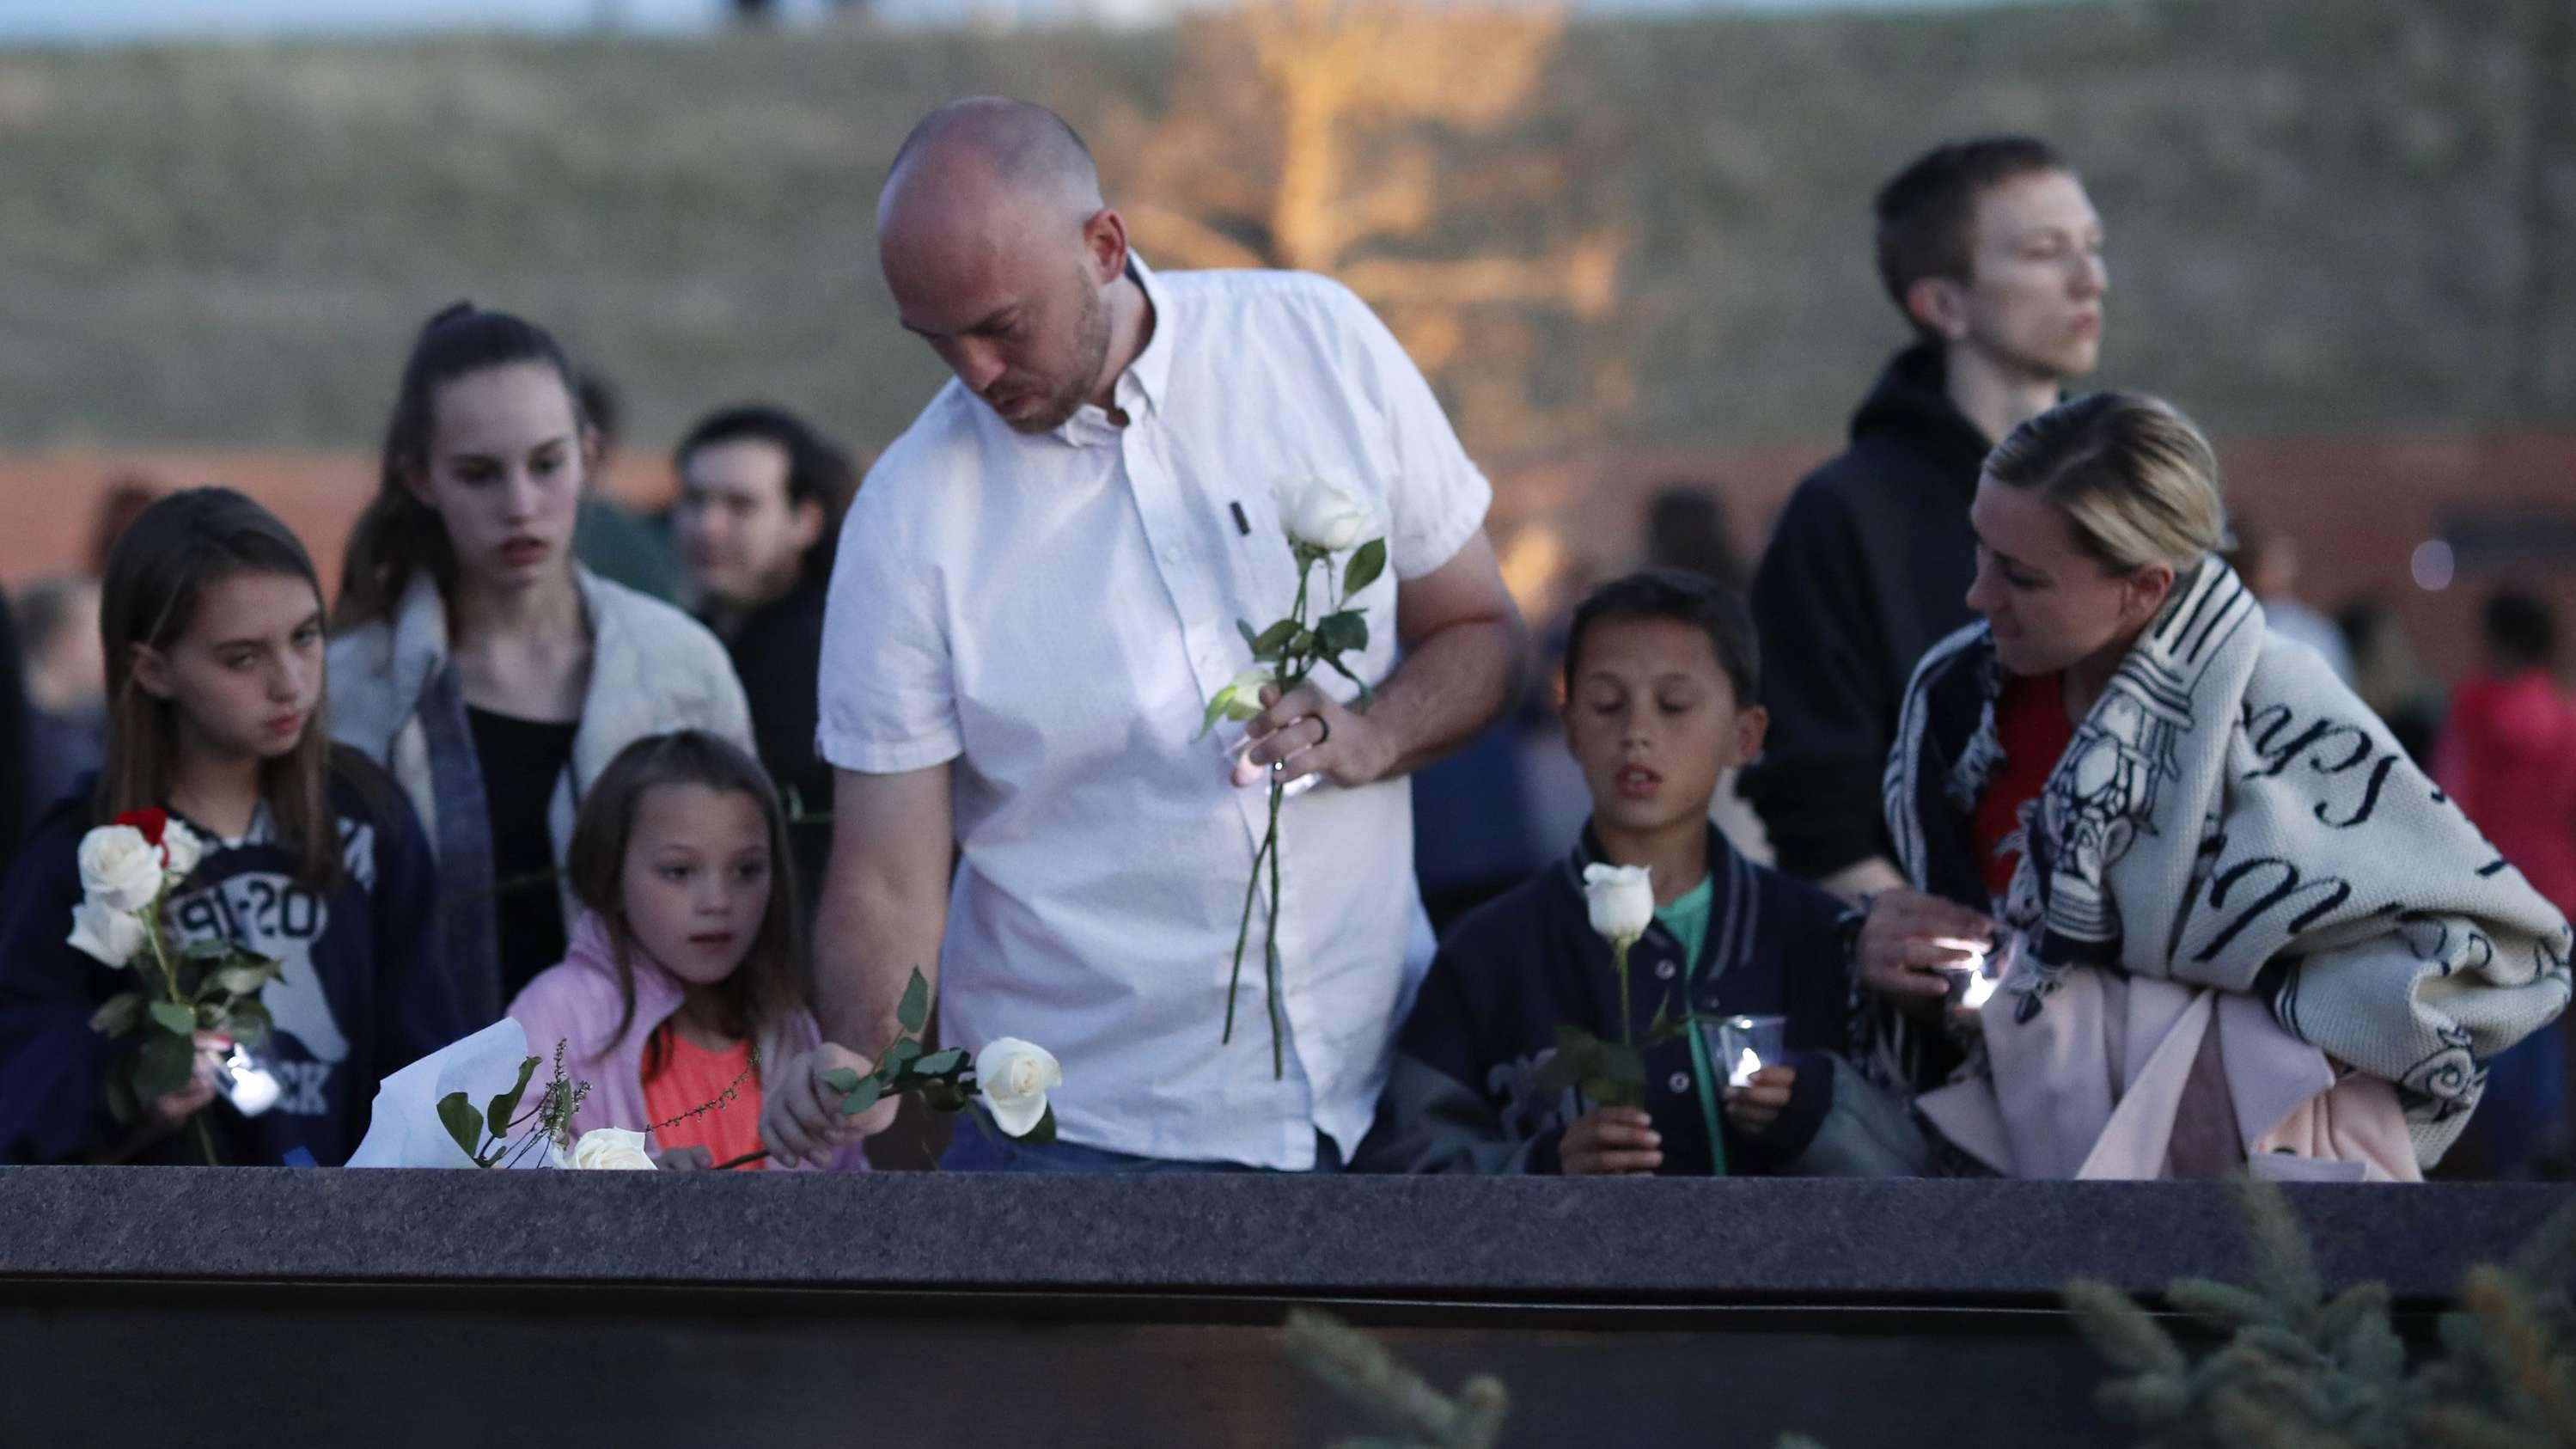 Ein Überlebender des Massakers an der Columbine High School legt während einer Mahnwache an der Gedenkstätte für die Opfer eine Rose nieder.